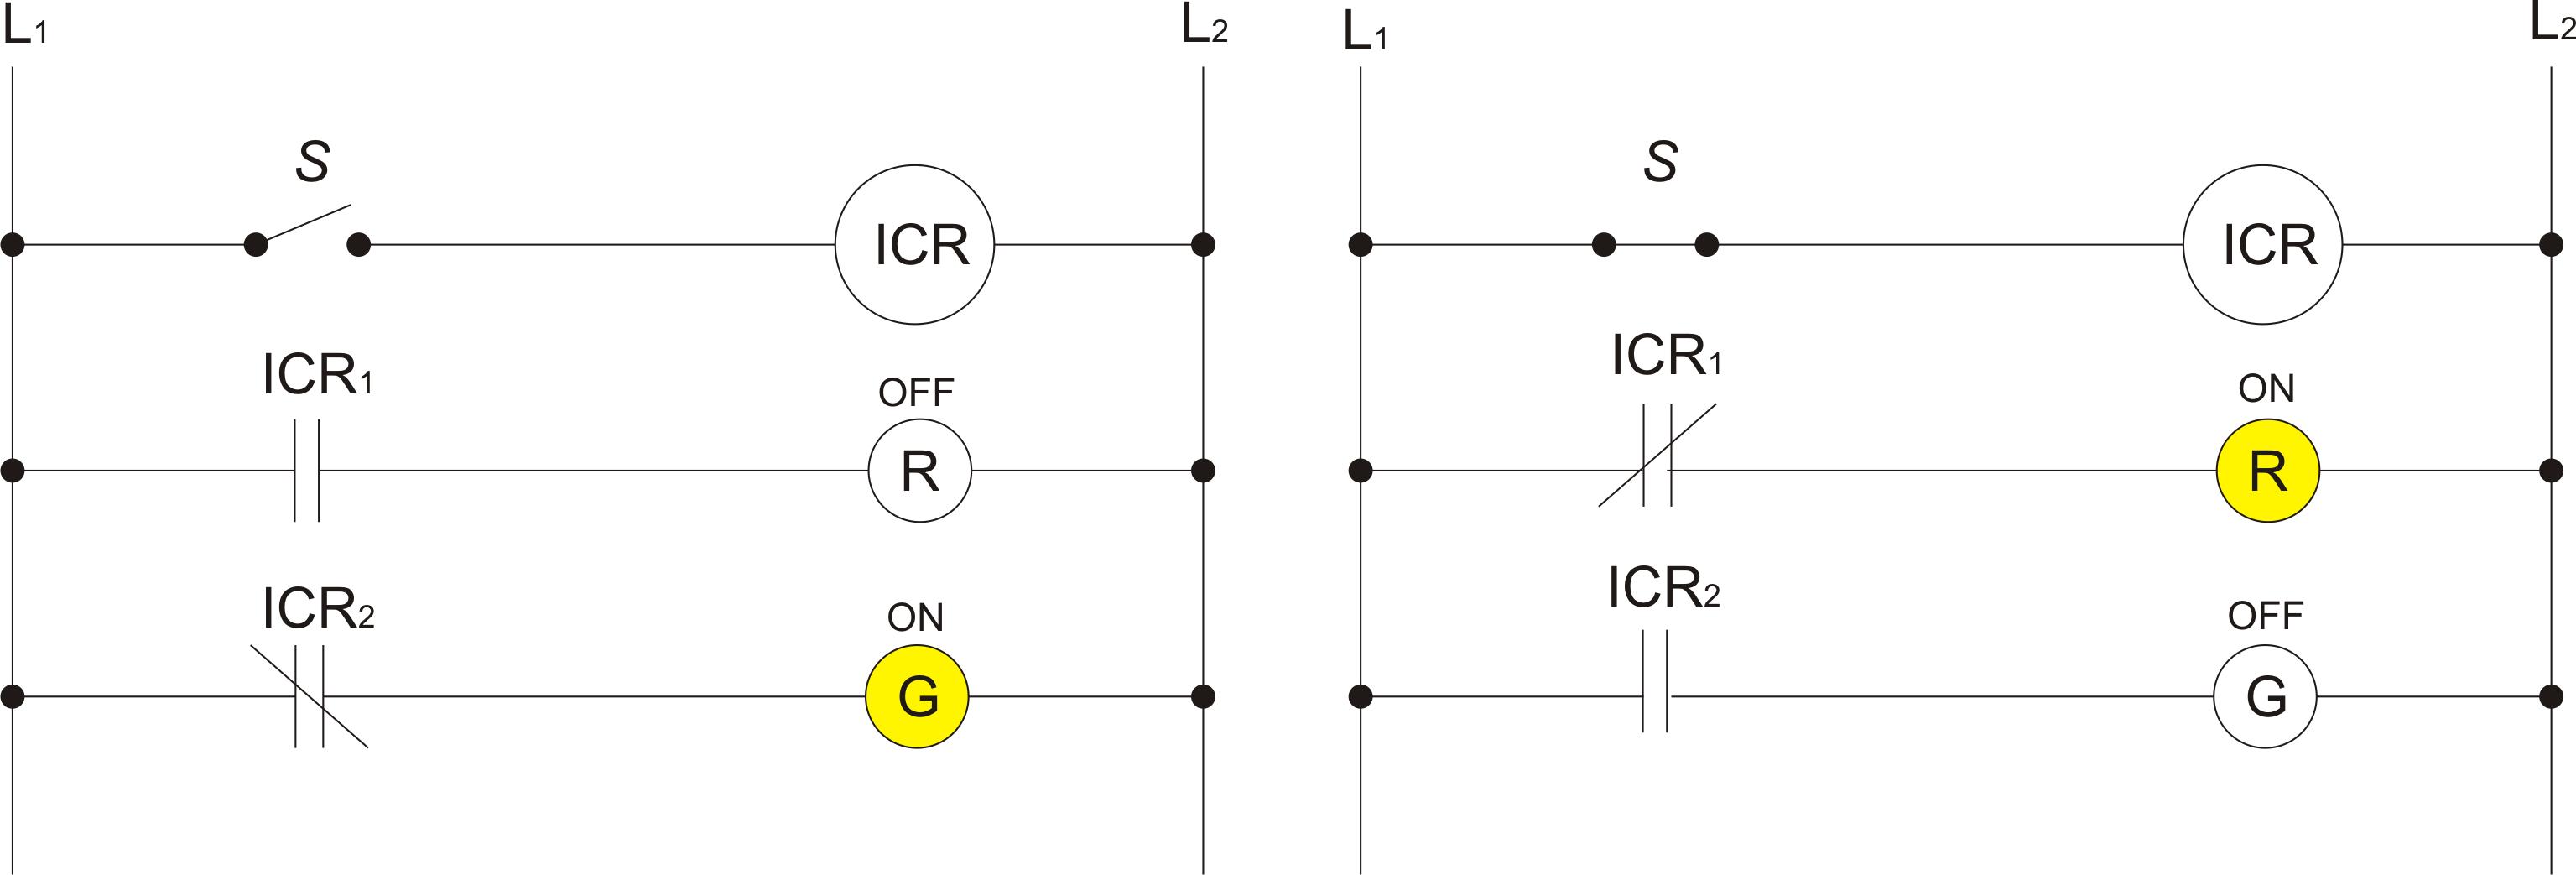 Elektronika Industri Ti 36 03 Solid State Relay Circuit Diagram Gambar Skema Rangkaian 12 Relai Yang Digunakan Untuk Mengontrol Beberapa Operasi Penghubungan Dengan Arus Tunggal Terpisah